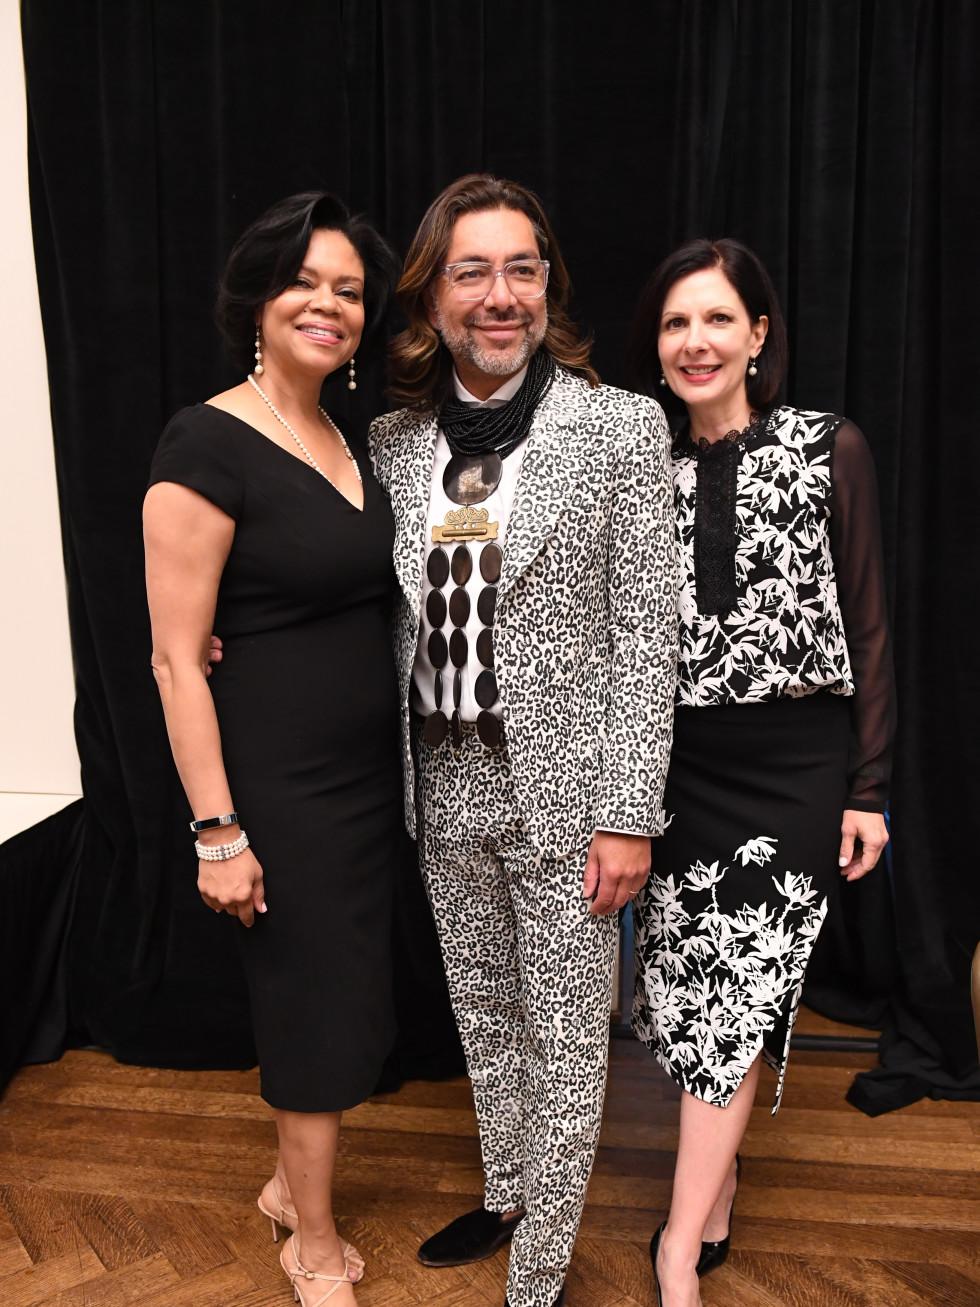 Passion for Fashion Luncheon Suzette Brimmer, Ceron, Jeanne Ruberti